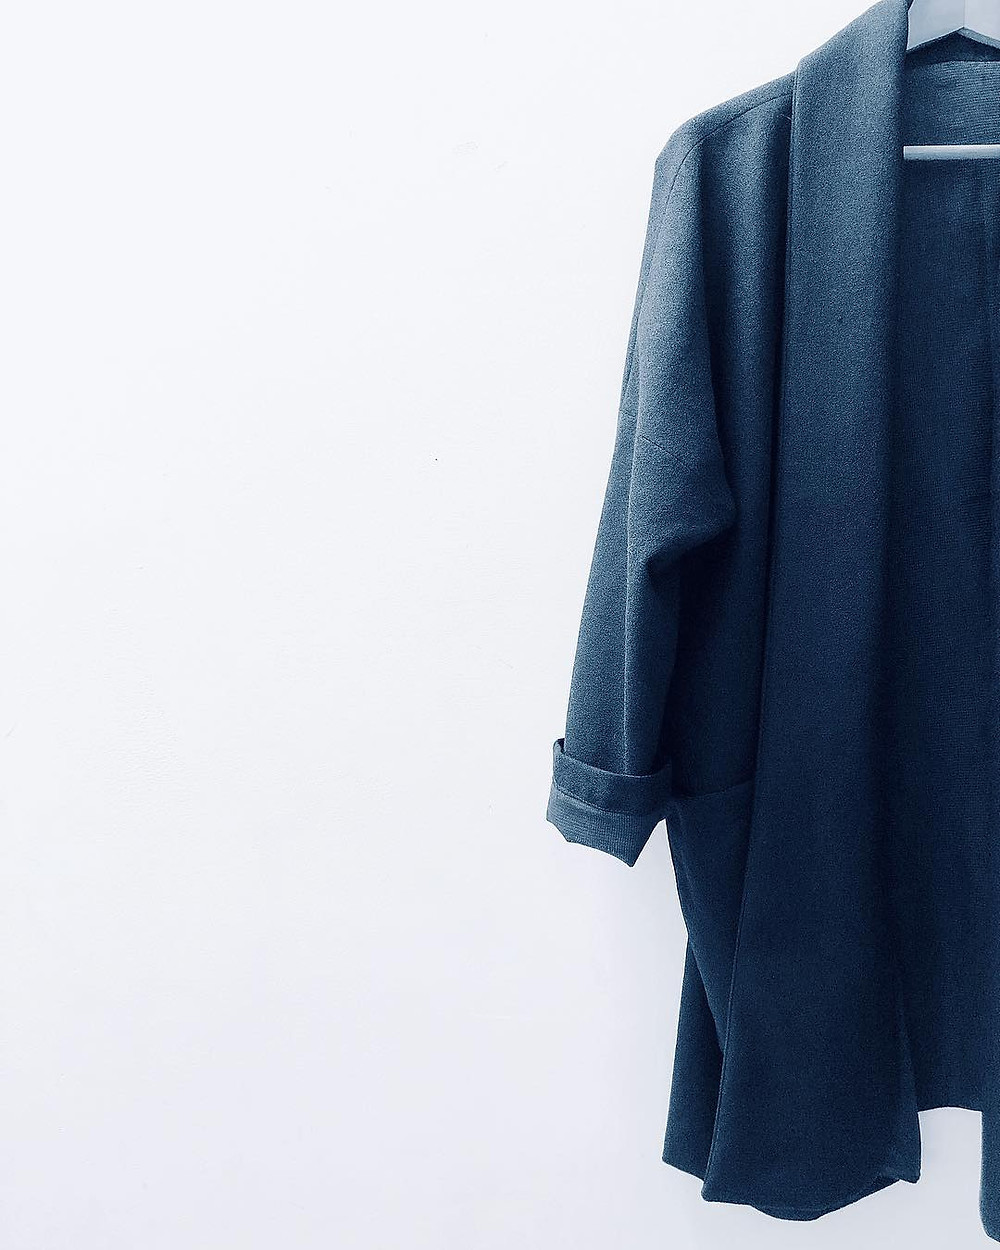 Haori Jacket - pattern by Wiksten